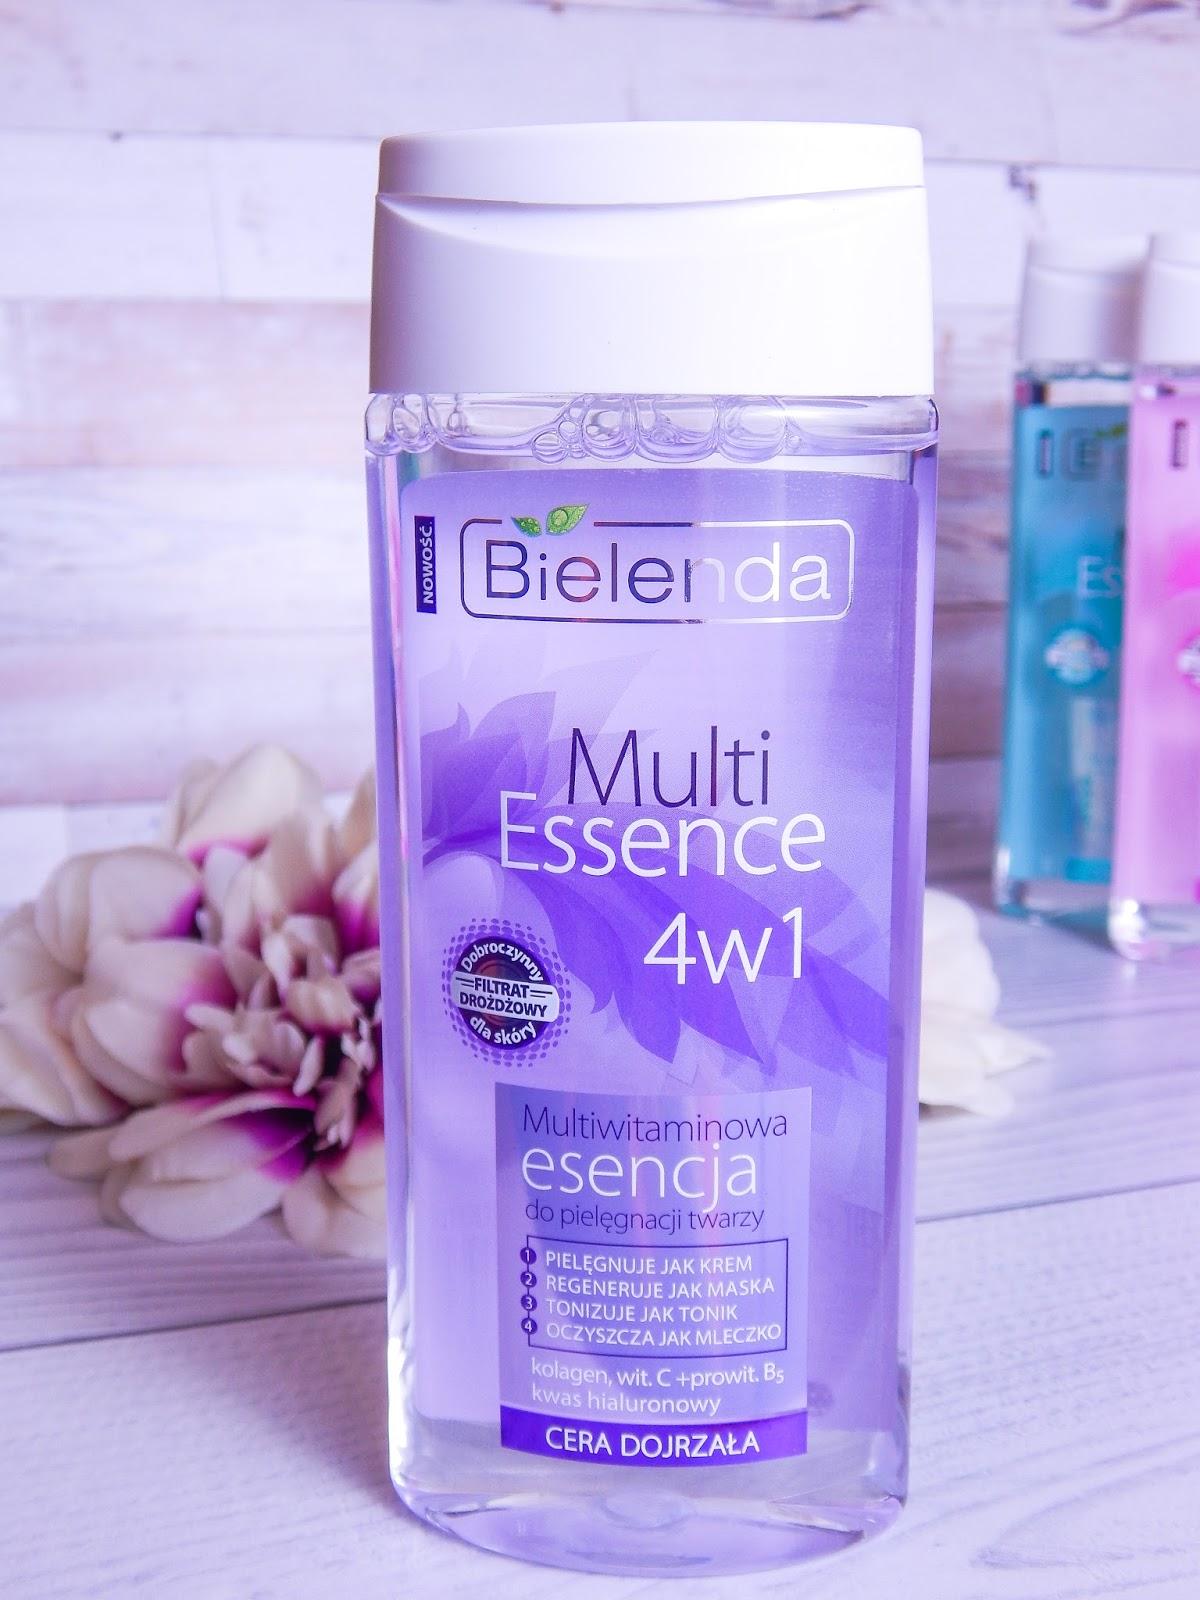 3 multi essence 4w1 bielenda recenzja multiwitamicowa esencja do pielęgnacji twarzy